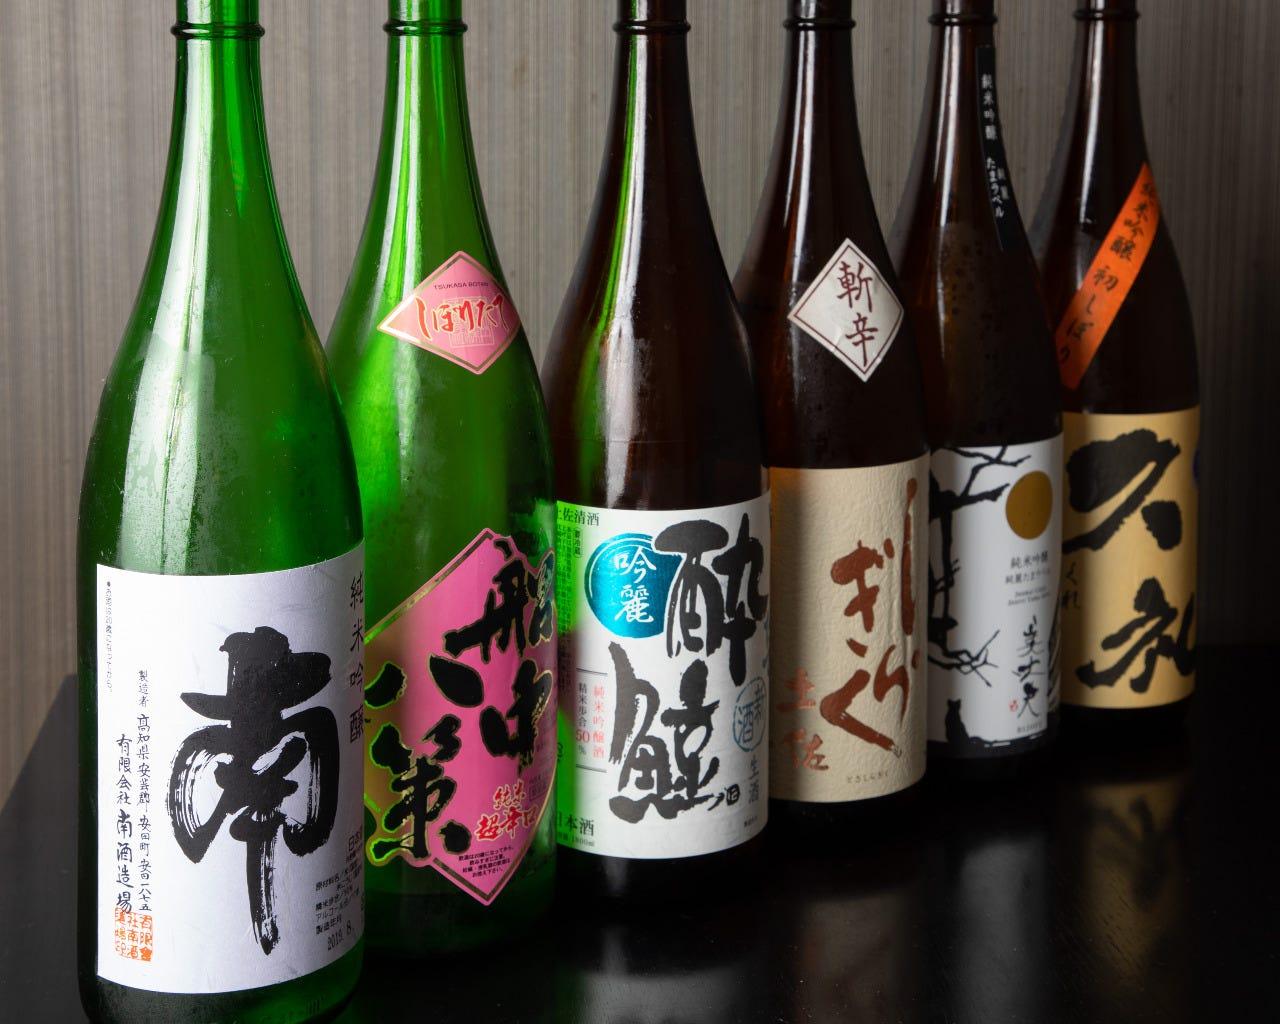 高知の地酒の他にも全国の日本酒を取り揃えております!